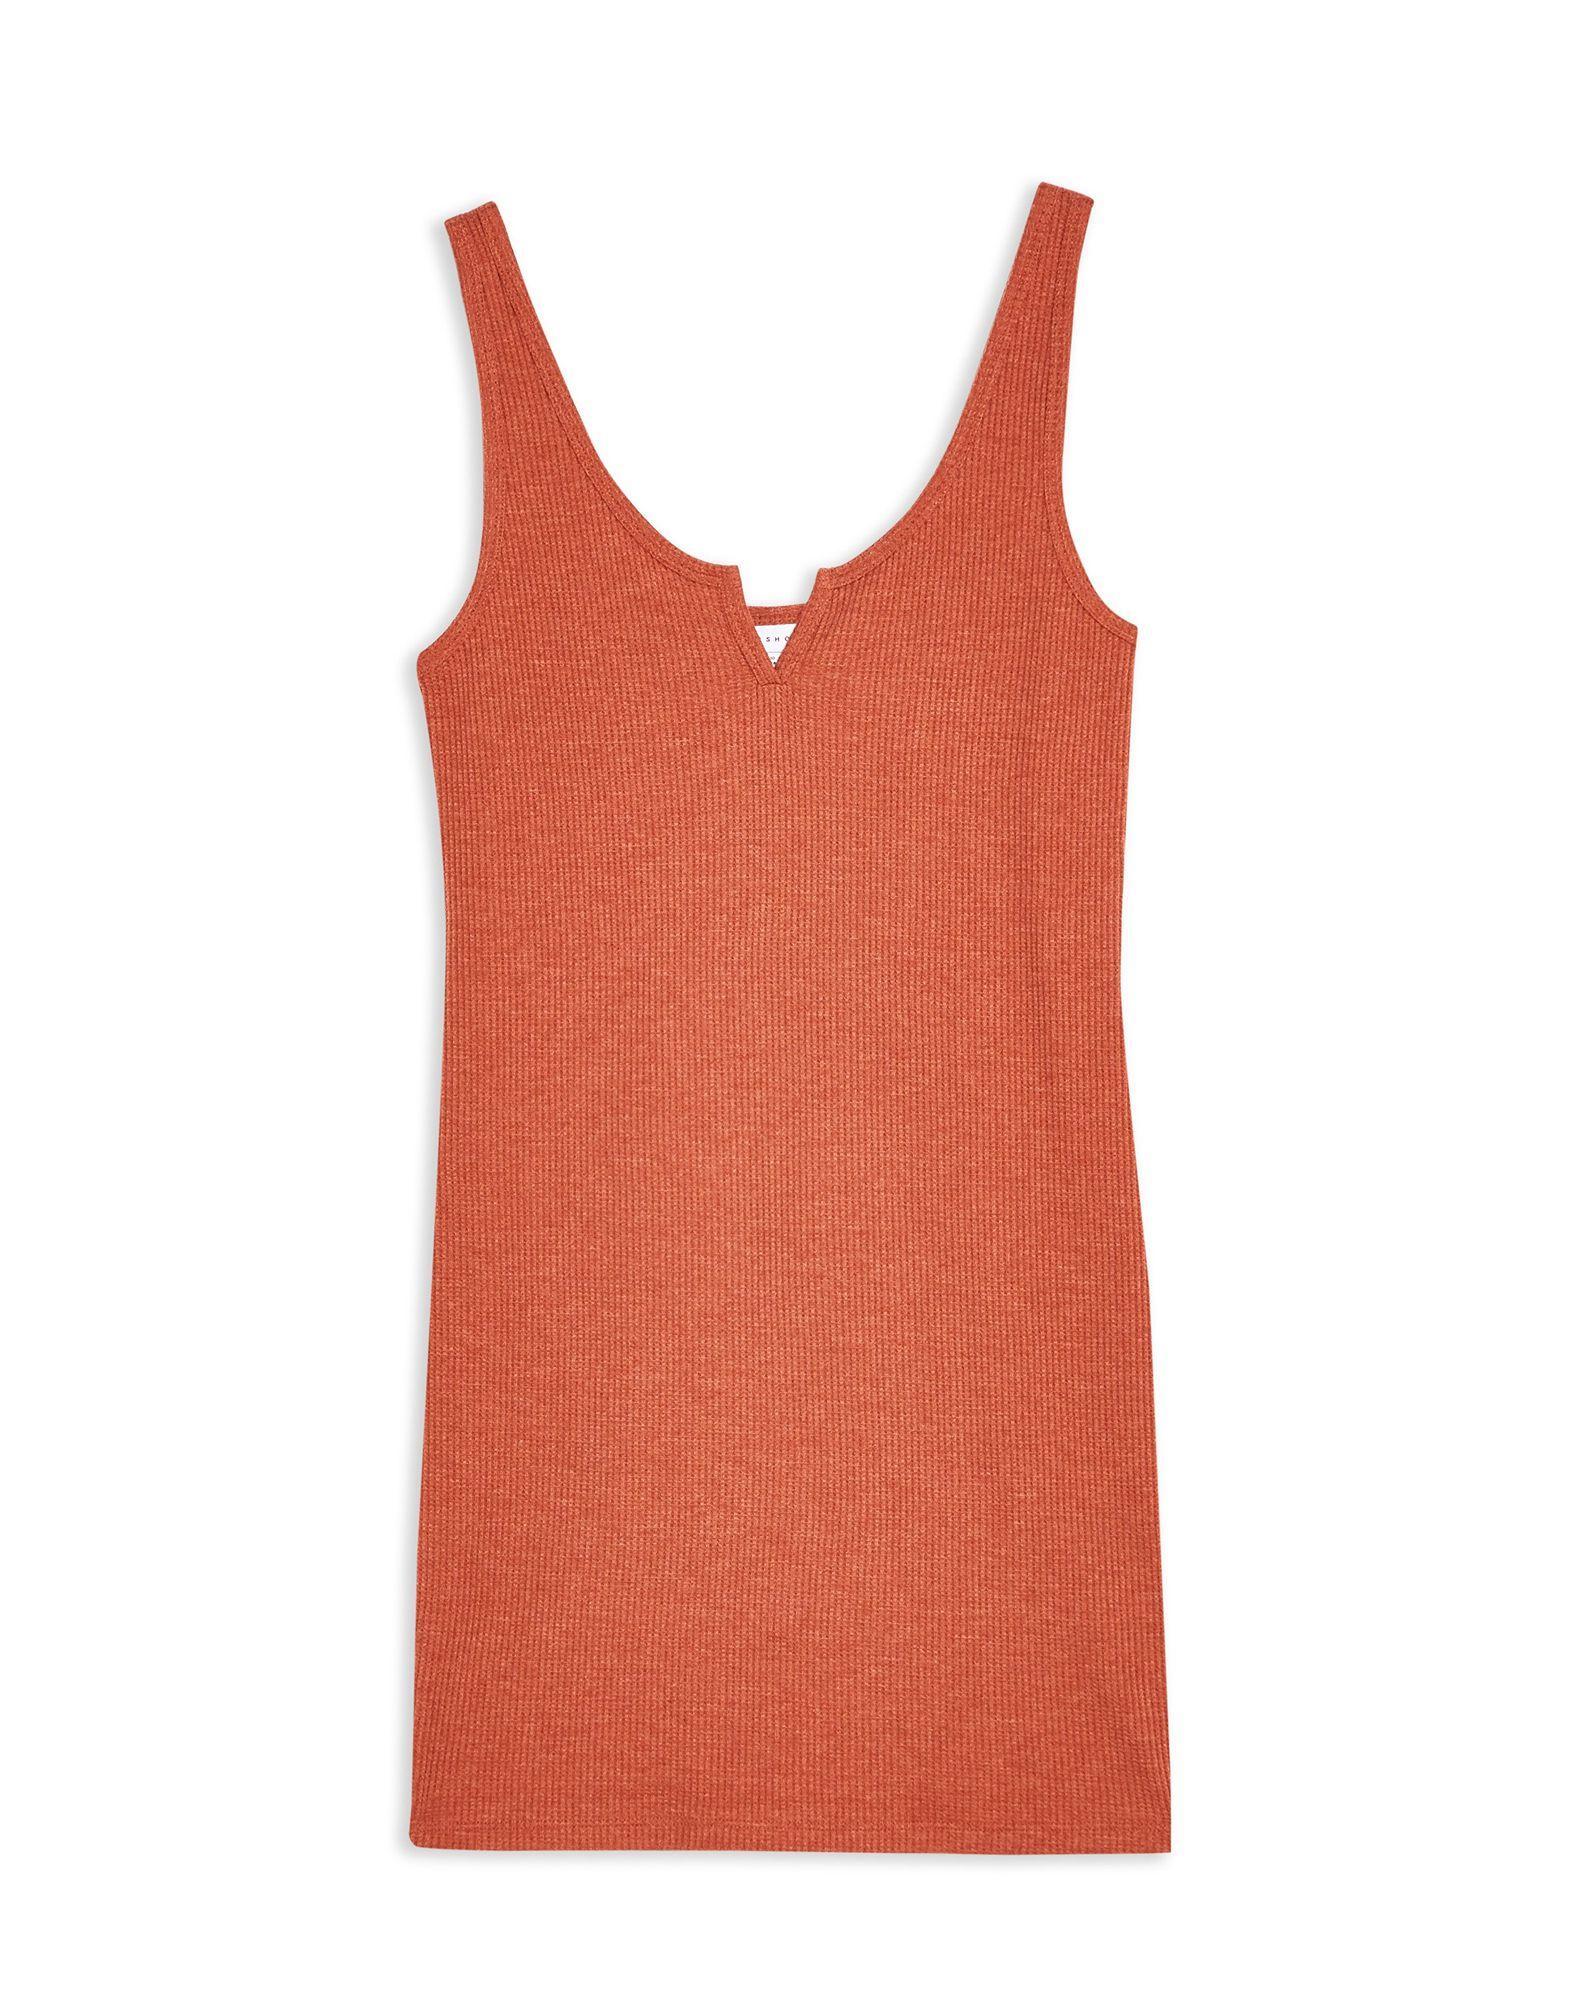 Vestito Vestito Vestito Corto Topshop Rust Waffle Notch Bodycon Dress - donna - 34974013DK 967